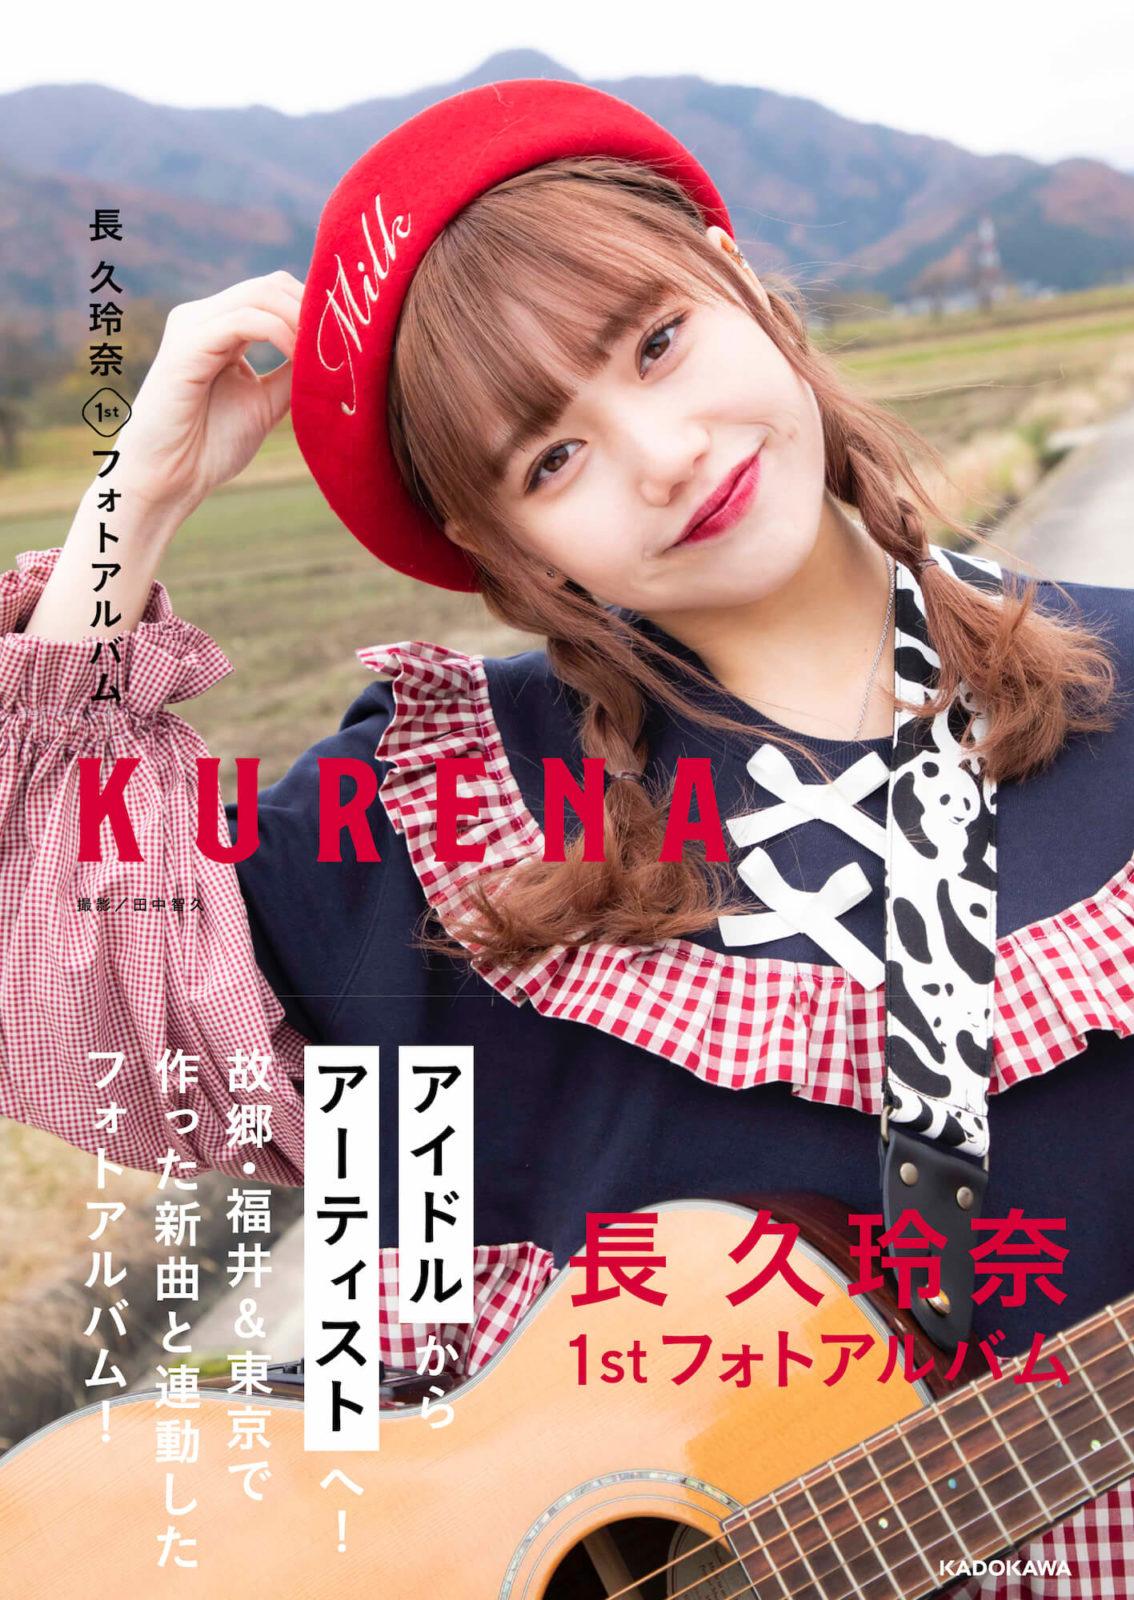 故郷・福井&東京で作った新曲と連動した、長久玲奈・初のフォトアルバムが発売決定サムネイル画像!